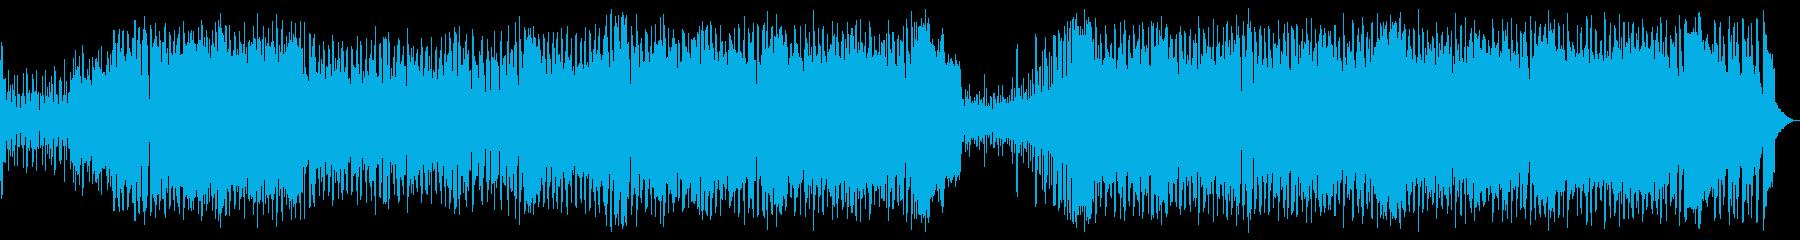 【メロなし】かわいらしく楽しいユーロビーの再生済みの波形